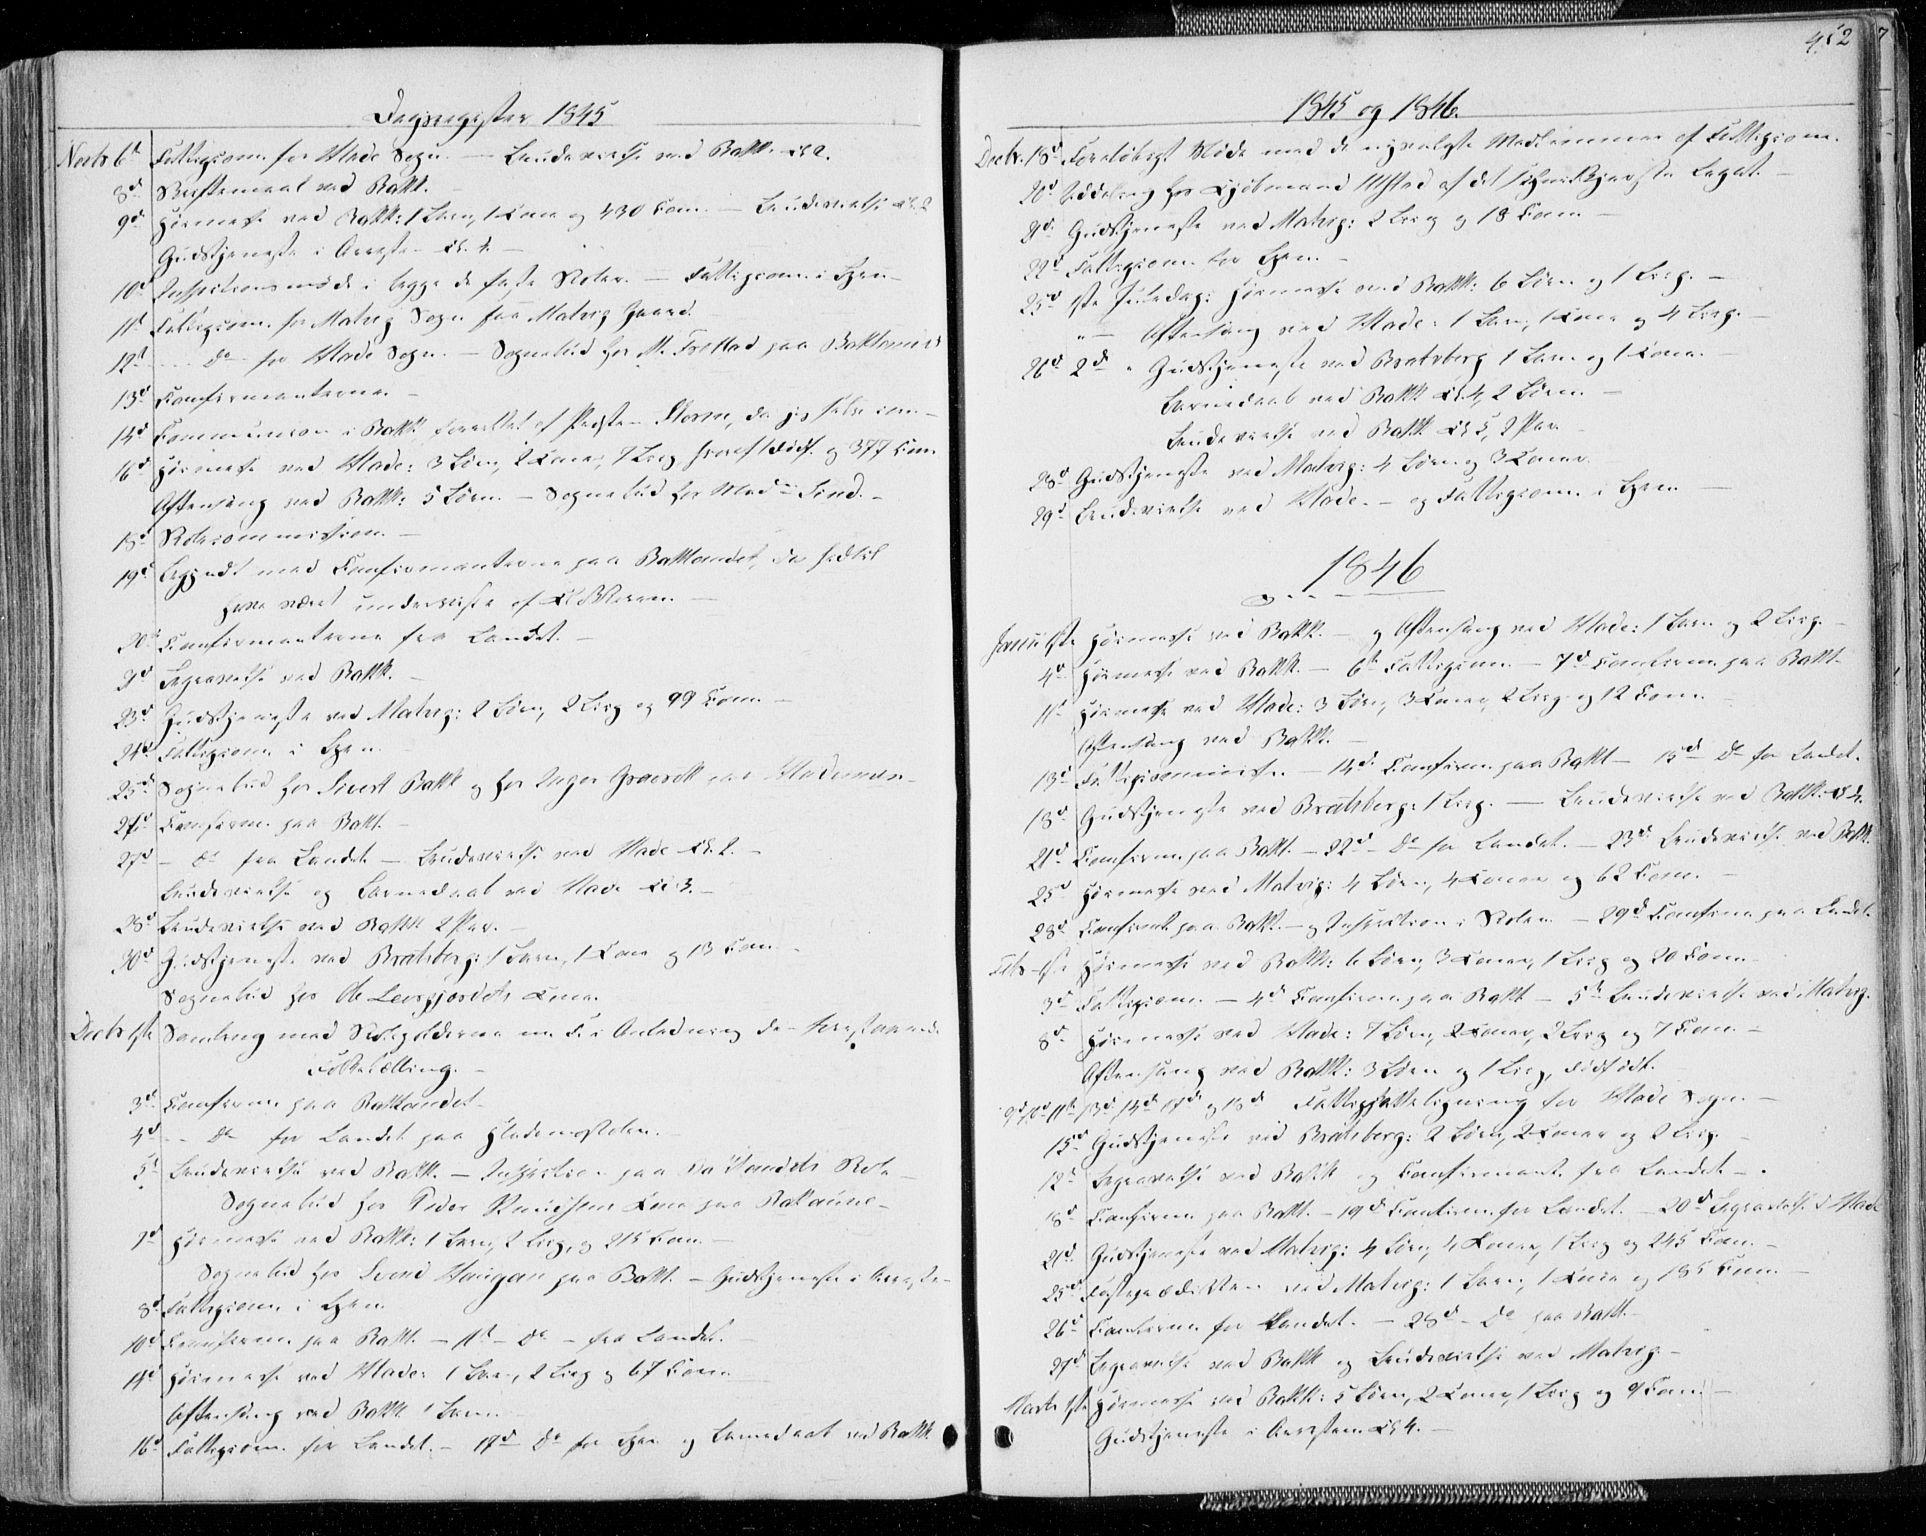 SAT, Ministerialprotokoller, klokkerbøker og fødselsregistre - Sør-Trøndelag, 606/L0290: Ministerialbok nr. 606A05, 1841-1847, s. 452